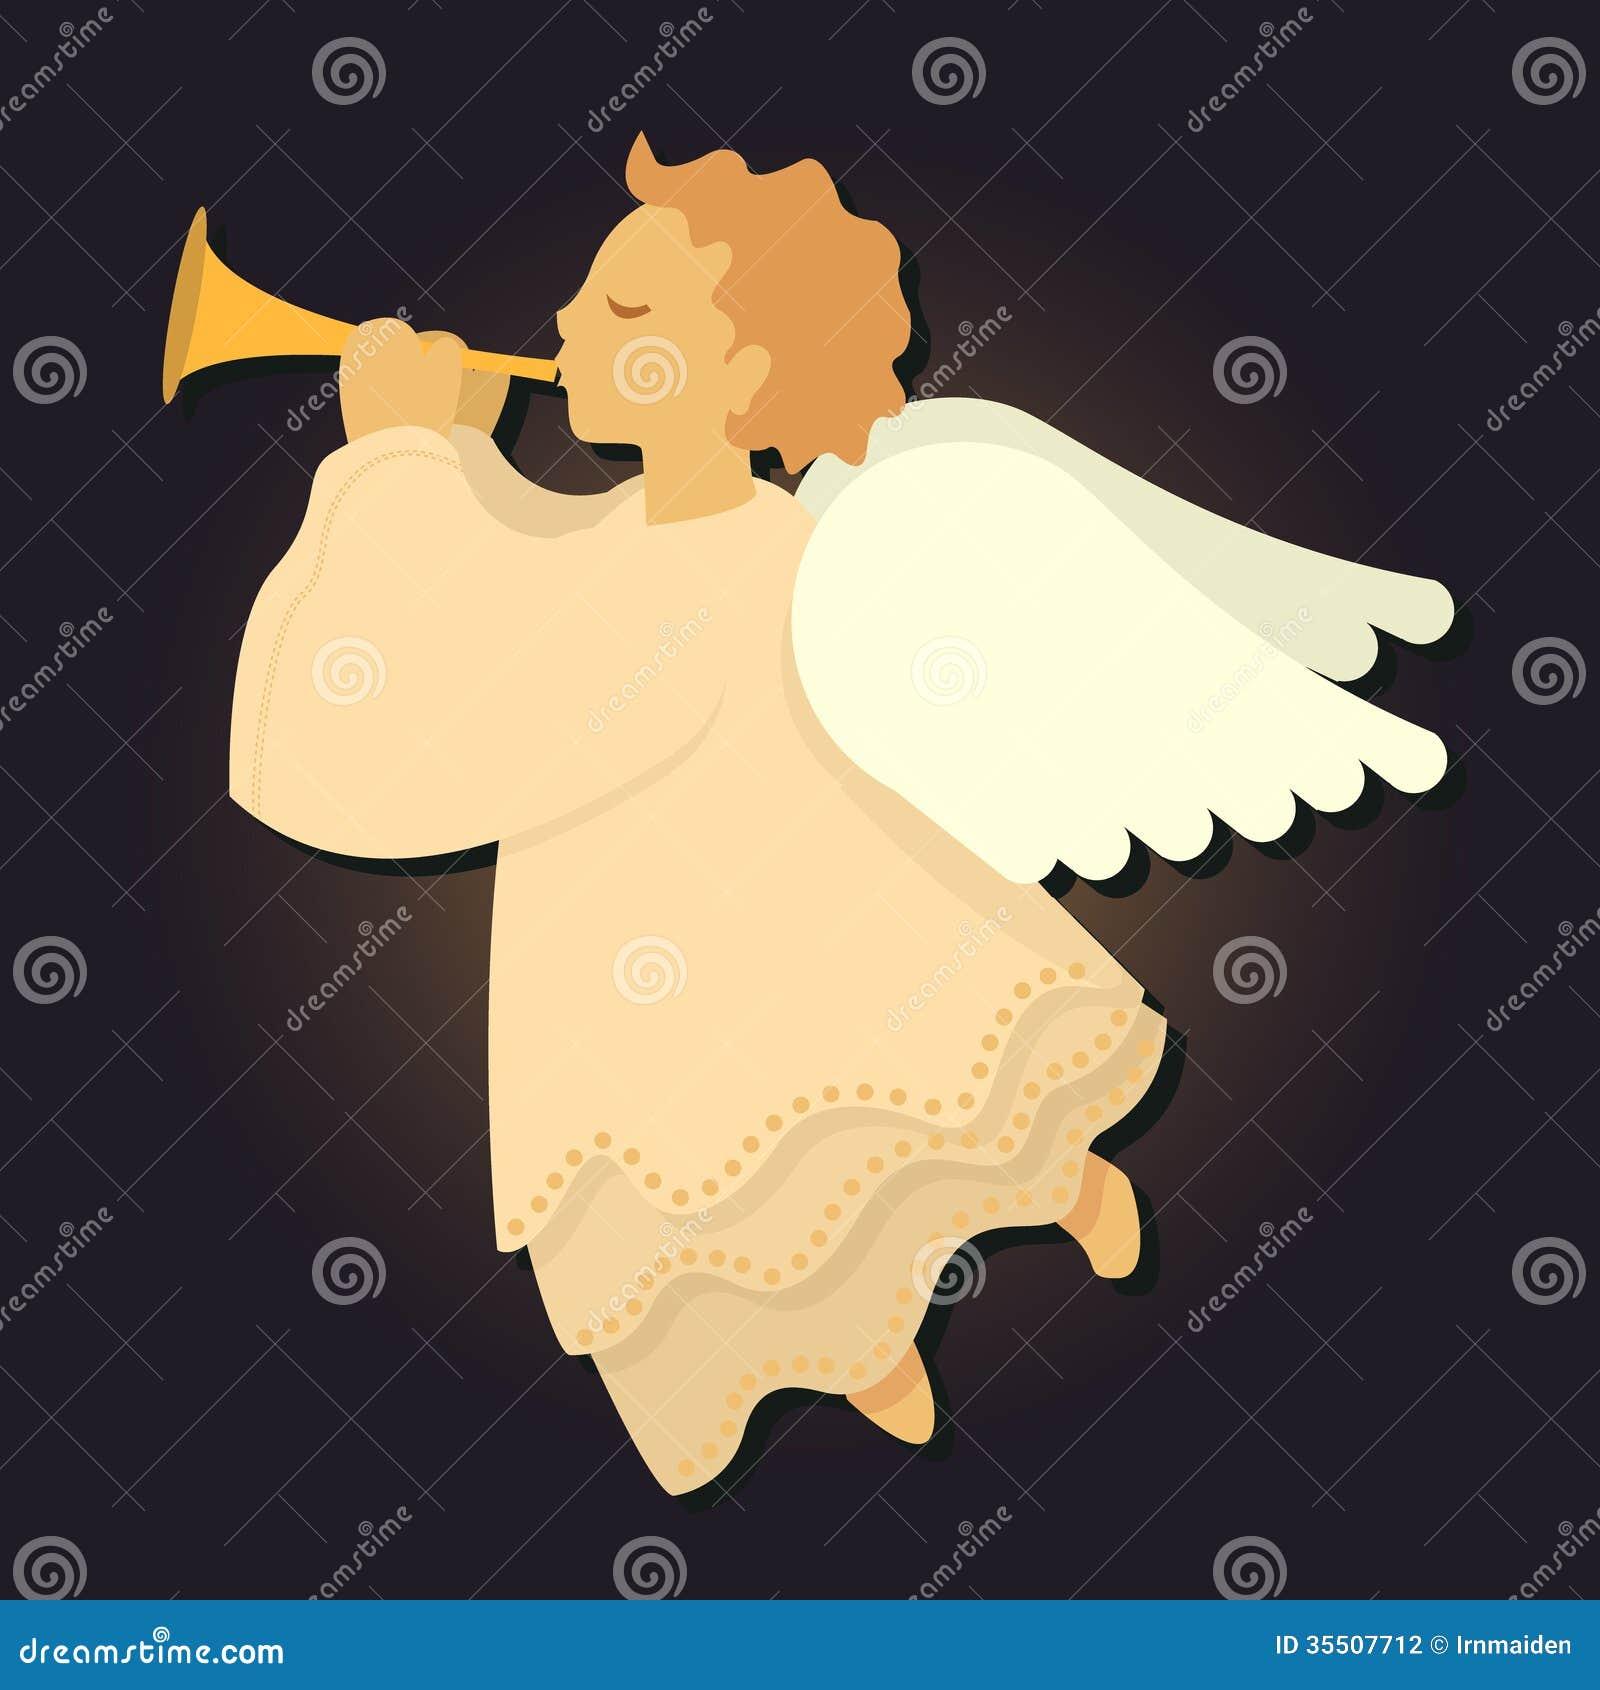 Angel Blowing Horn vektor illustrationer. Illustration av cartoon ... 203b41c9ebaf1